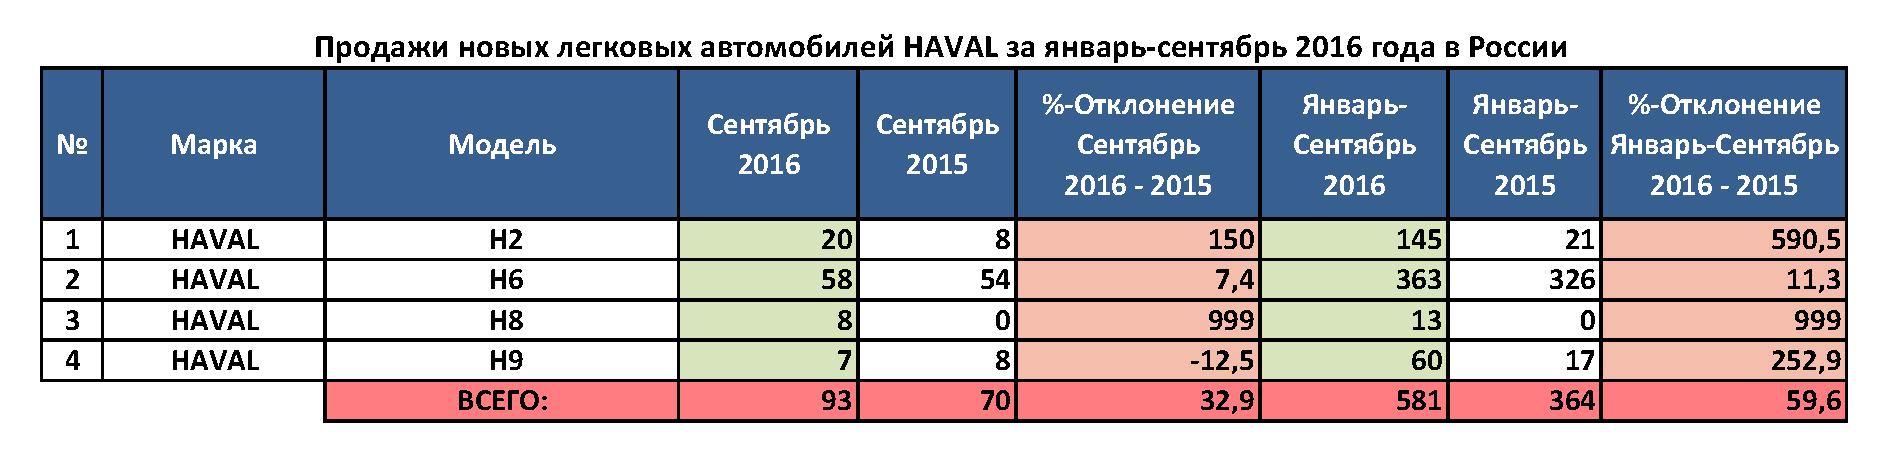 haval_prodaji_tablica.png